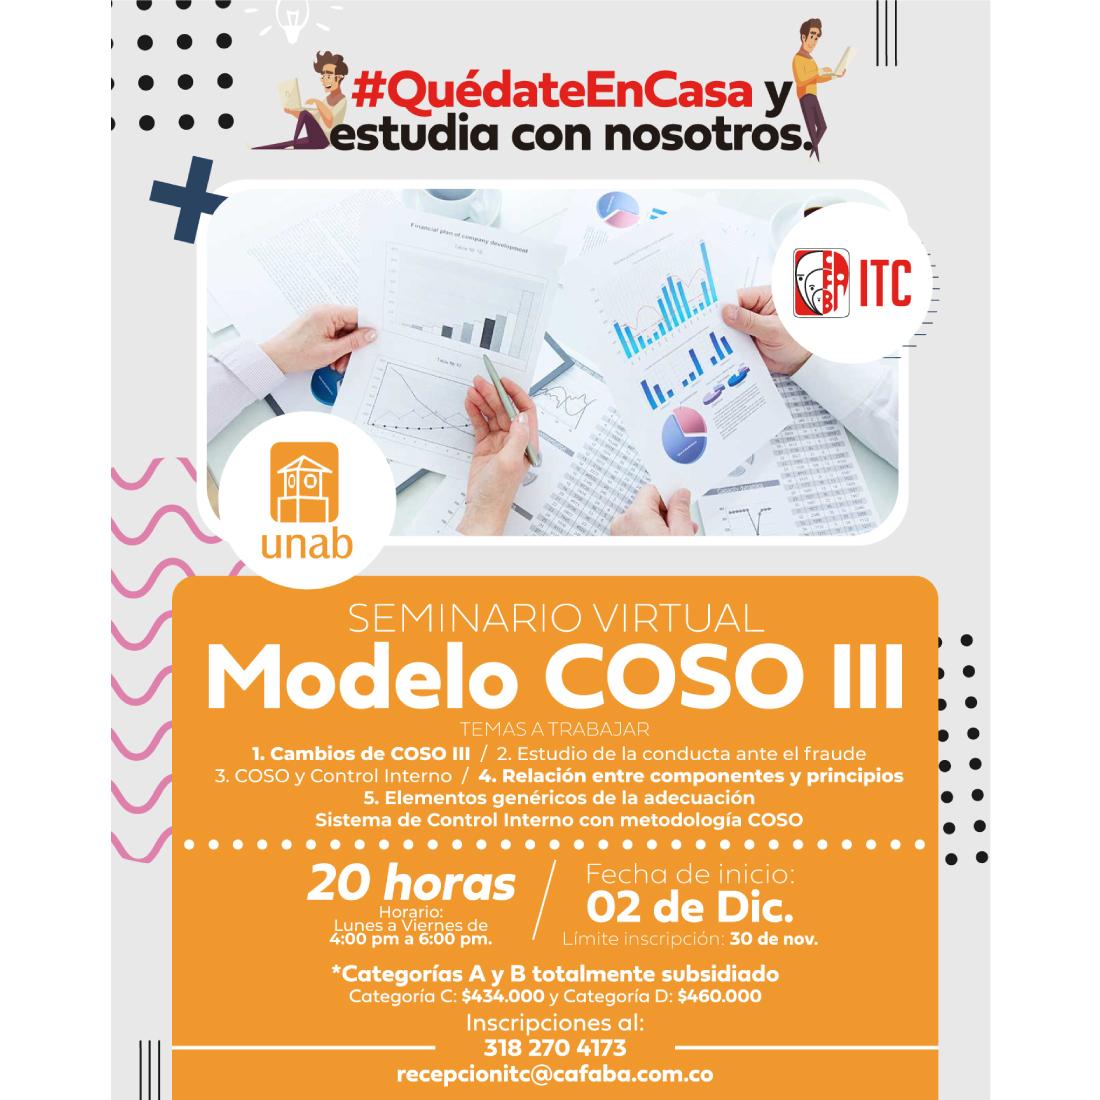 MODELO-COSO-iii-pagina-web